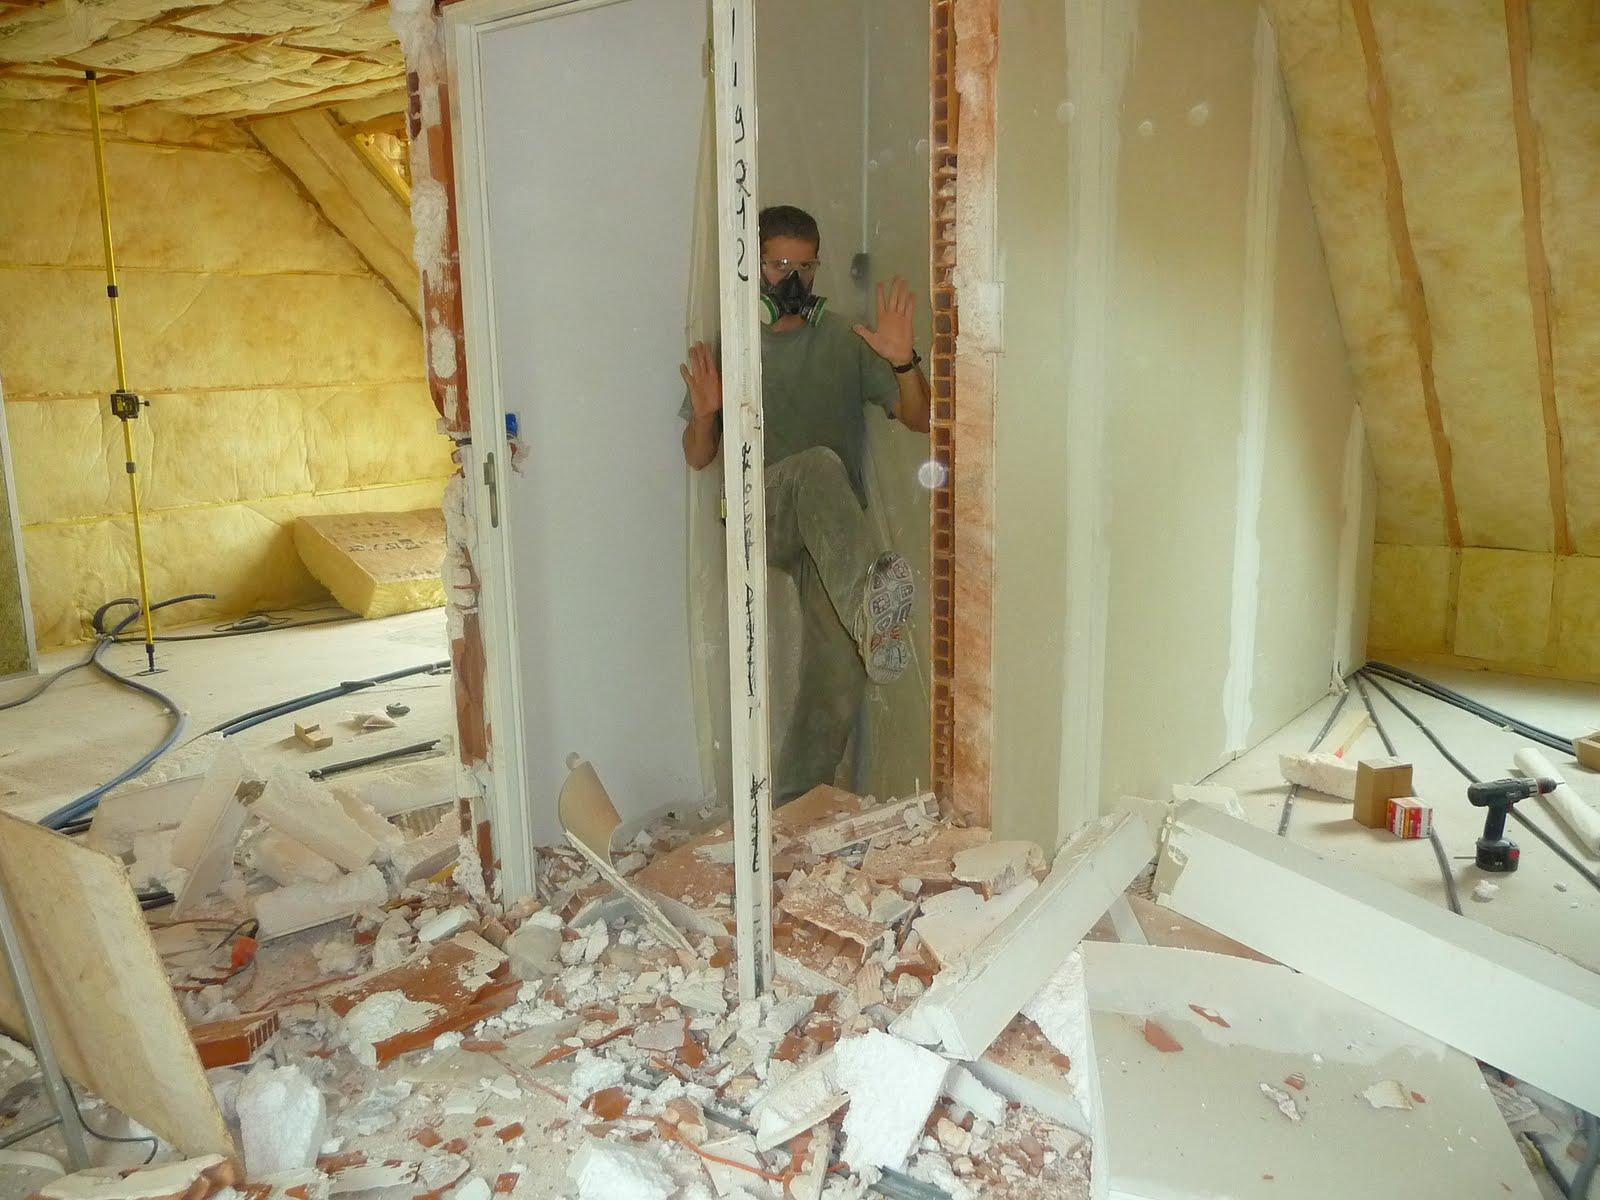 Casser Une Cloison En Brique coic-breizh: week end je casse la cloison de la cage d